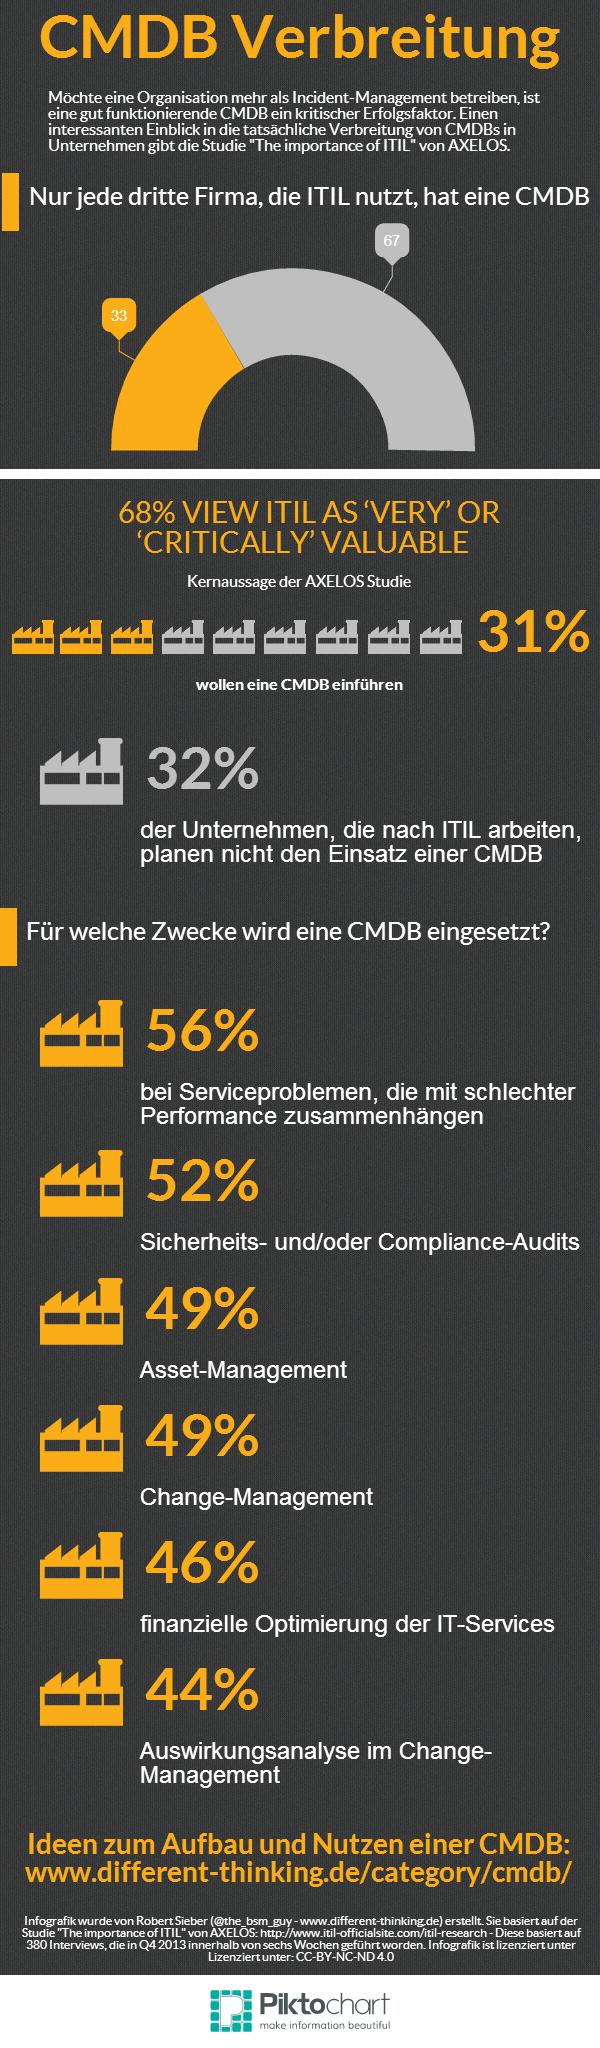 Infografik zur Verbreitung von CMDB in den Unternehmen